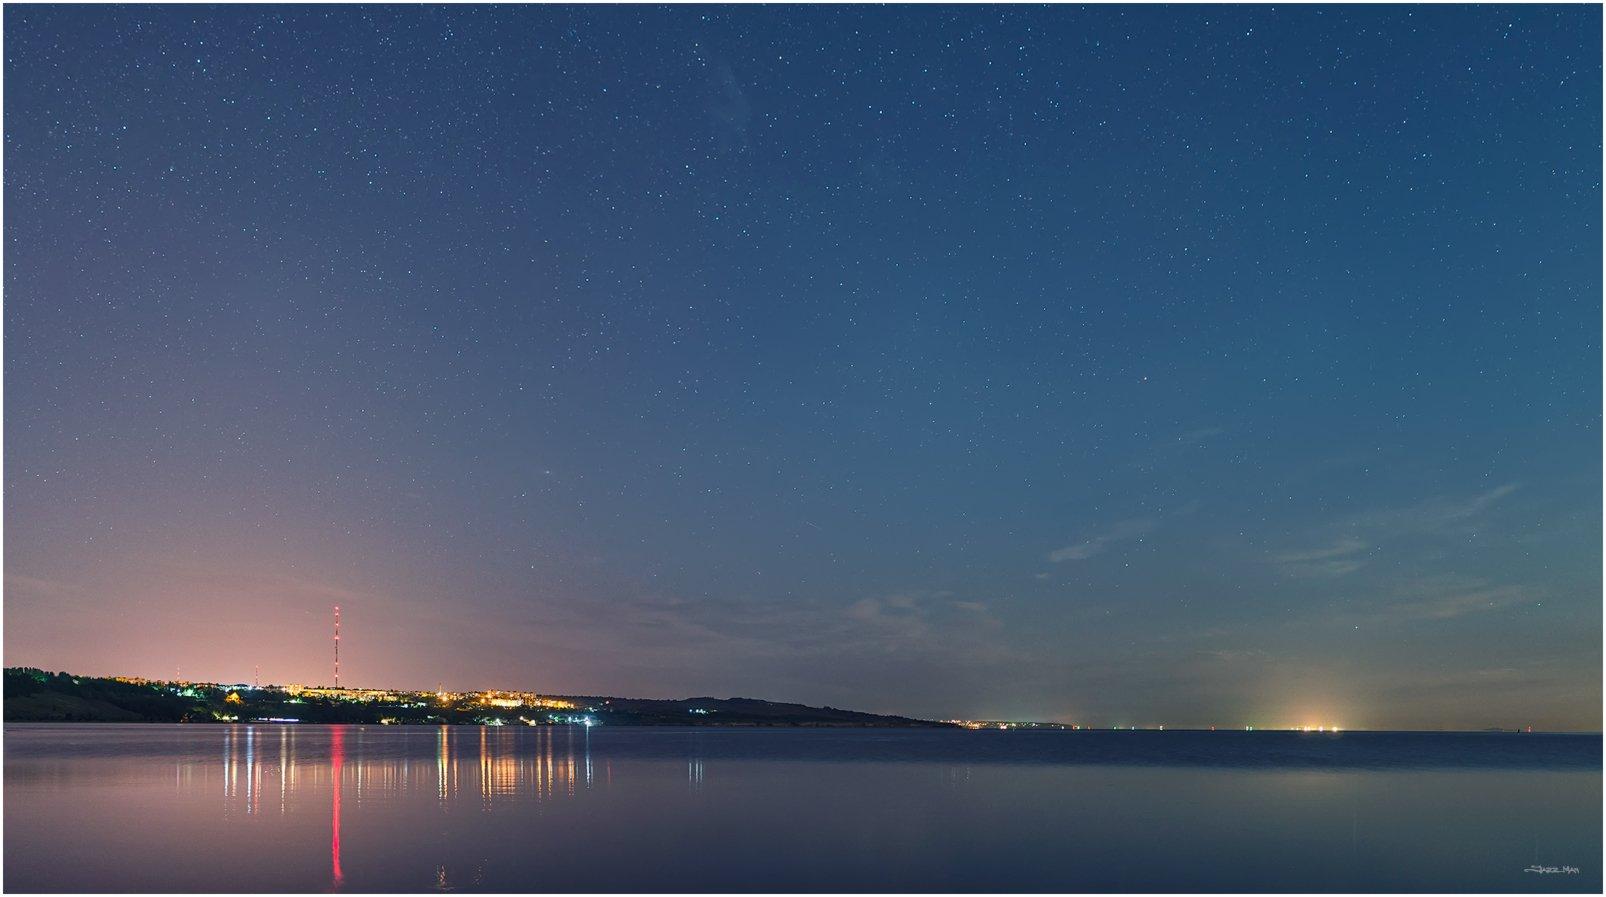 Звезды, Керчь, Крым, Море, Небо, Ночь, Панорама, Черное море, Jazz Man